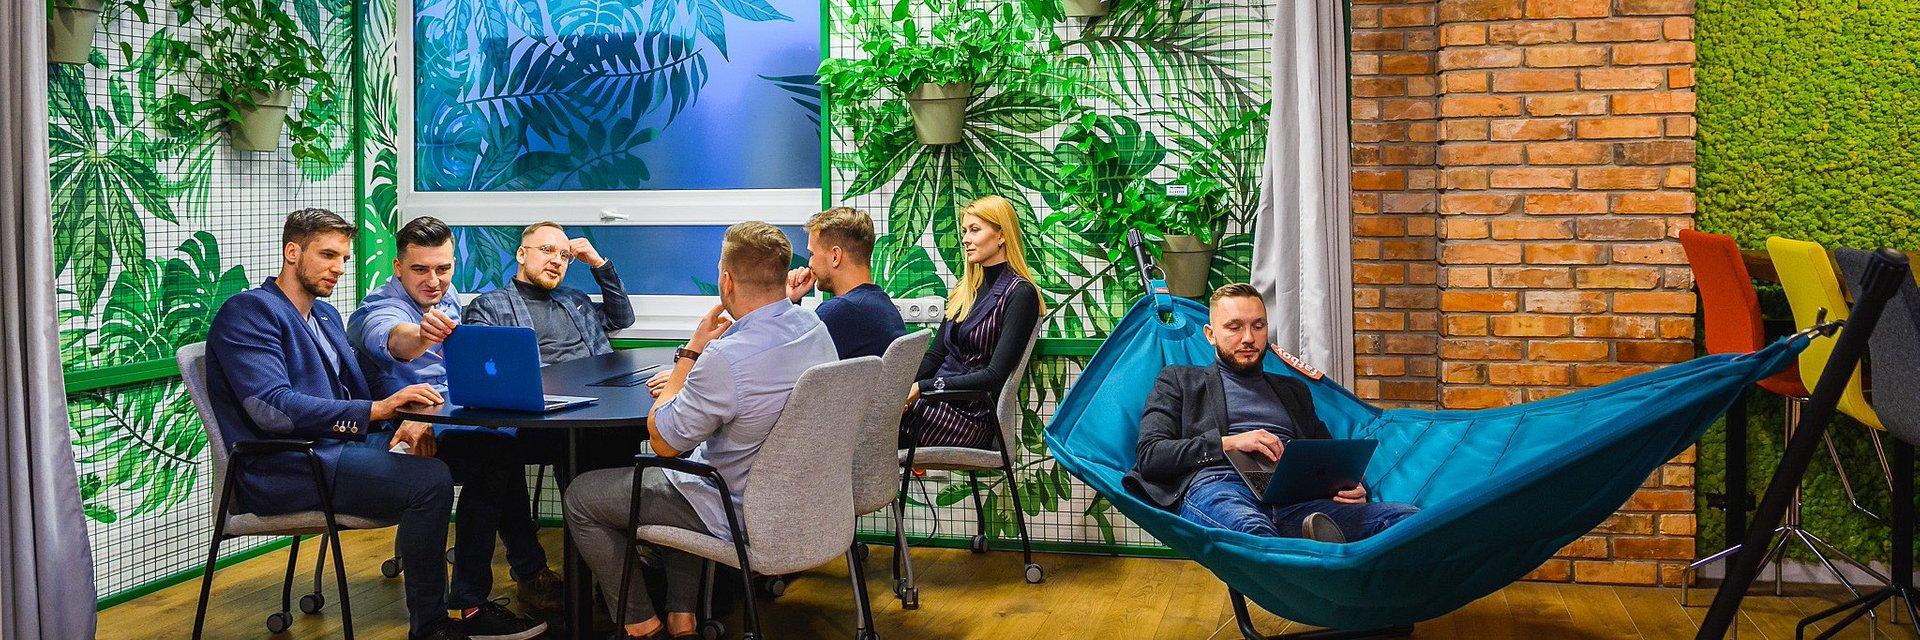 Brain Embassy, aby przyspieszyć ekspansję międzynarodową, podjęło współpracę z essensys plc* - liderem technologii flex-space.